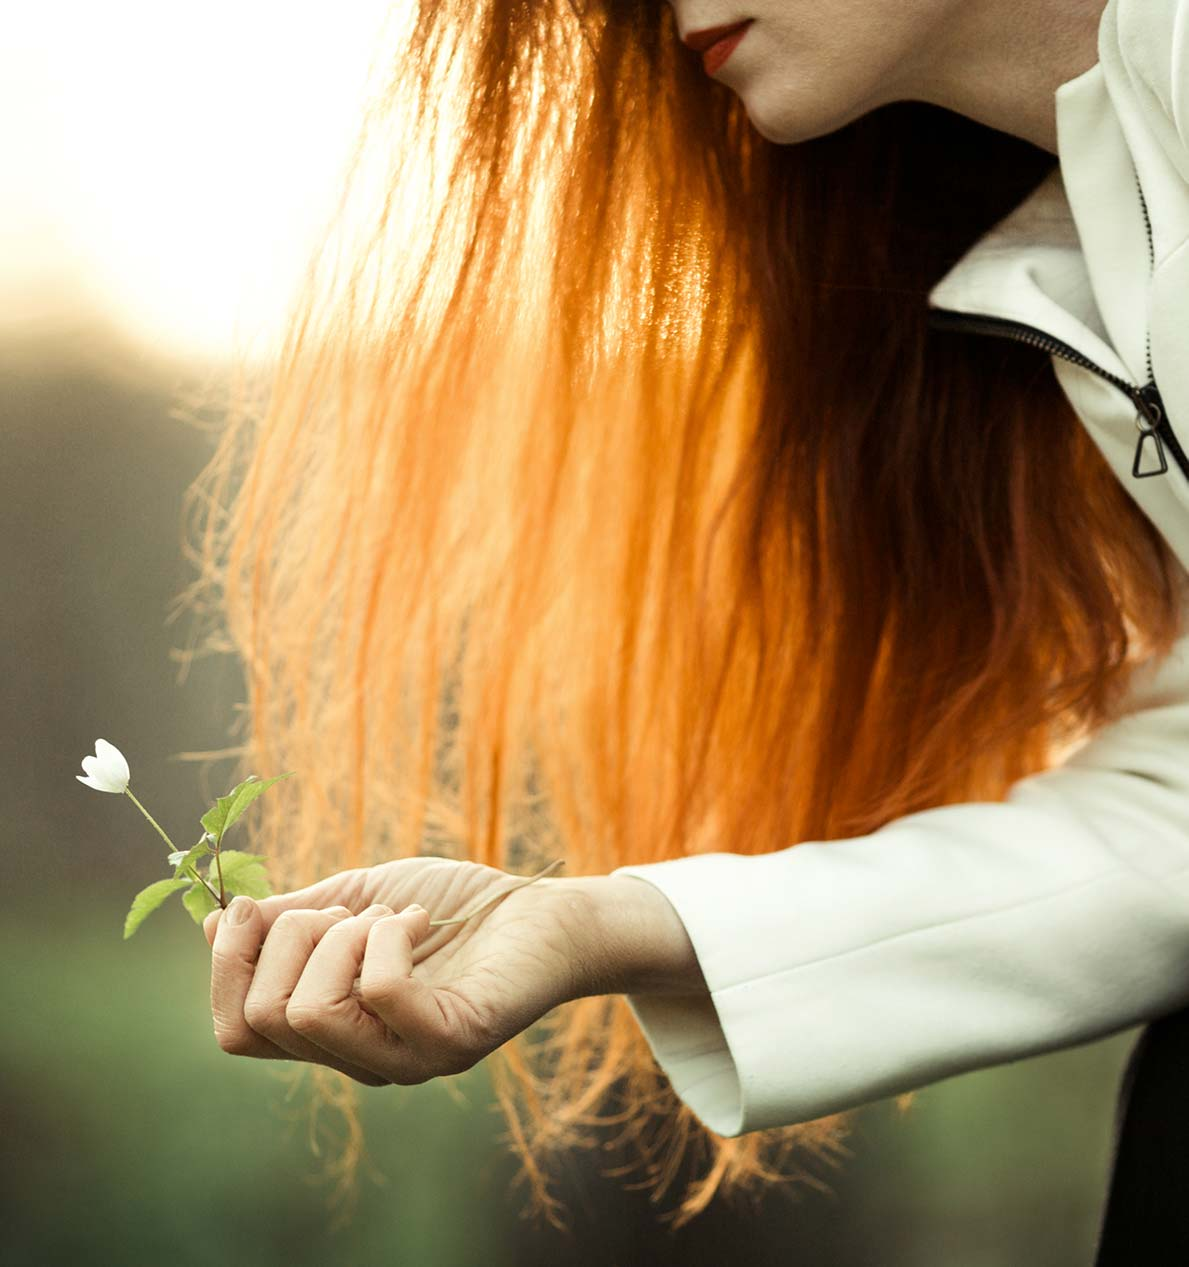 donna con capelli rossi raccoglie fiore